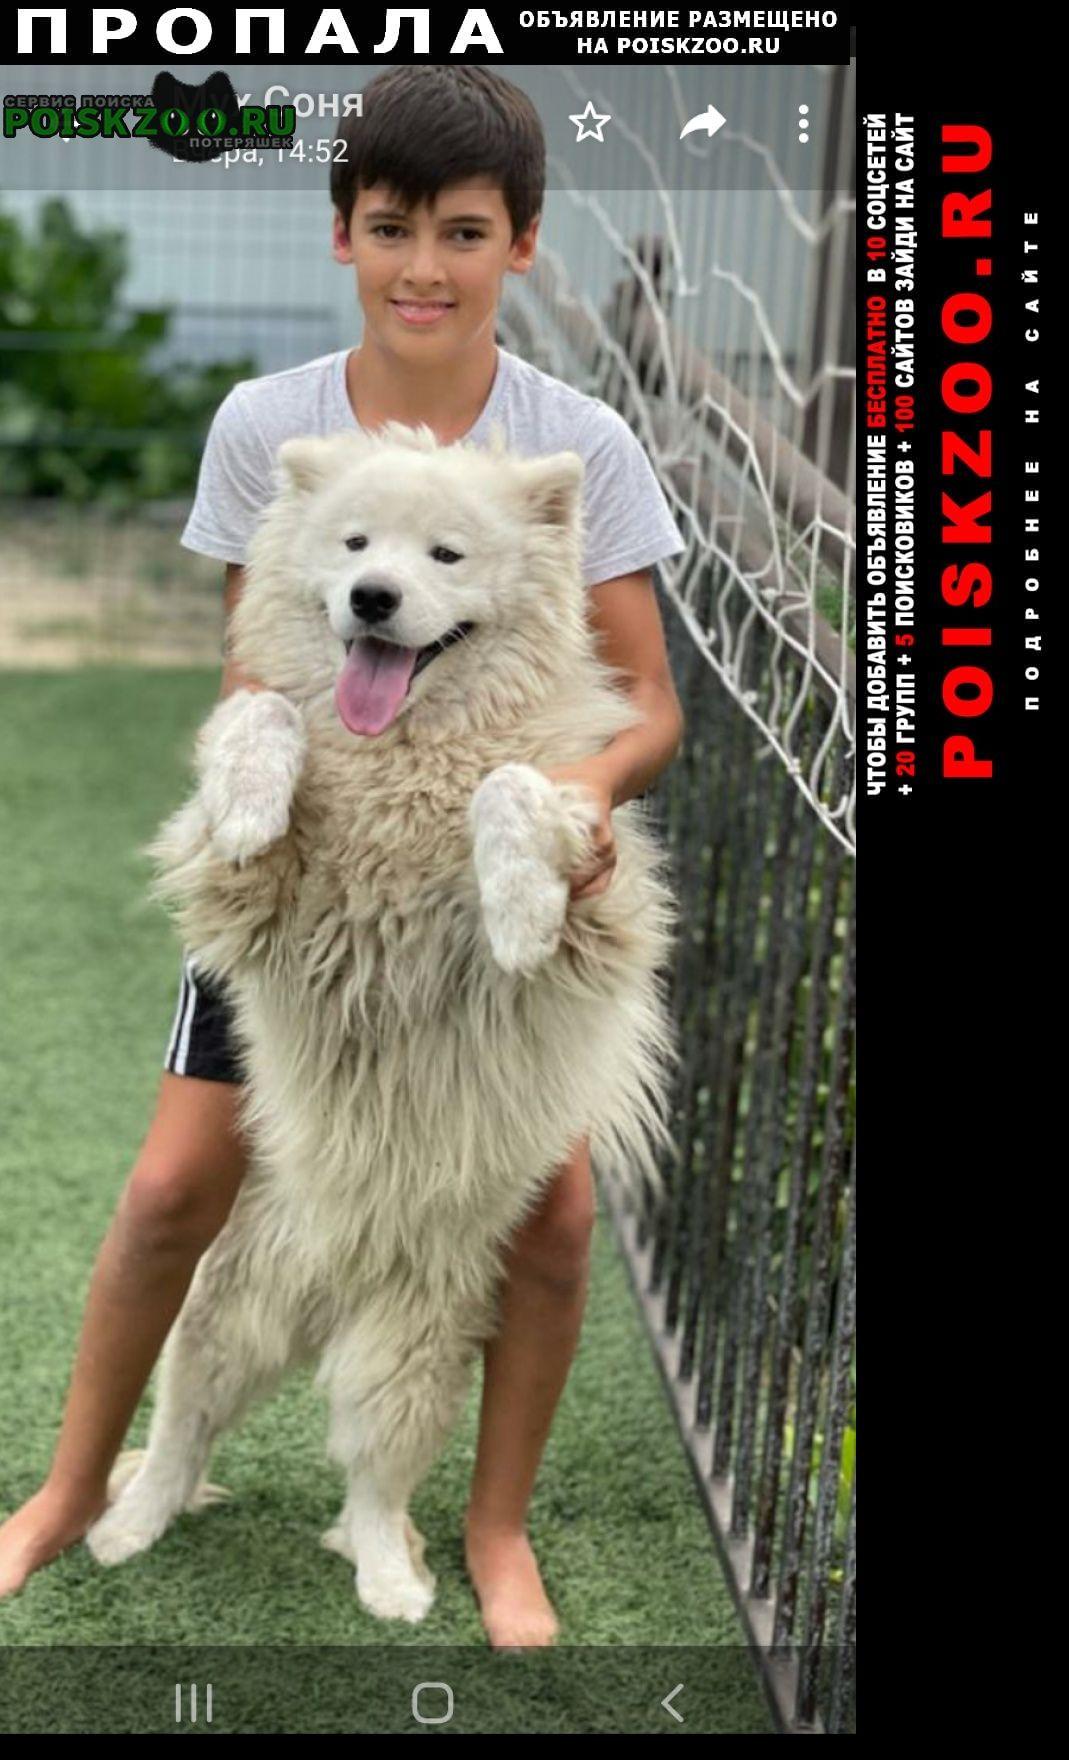 Пропала собака кобель самоед возраст 2 года Белгород